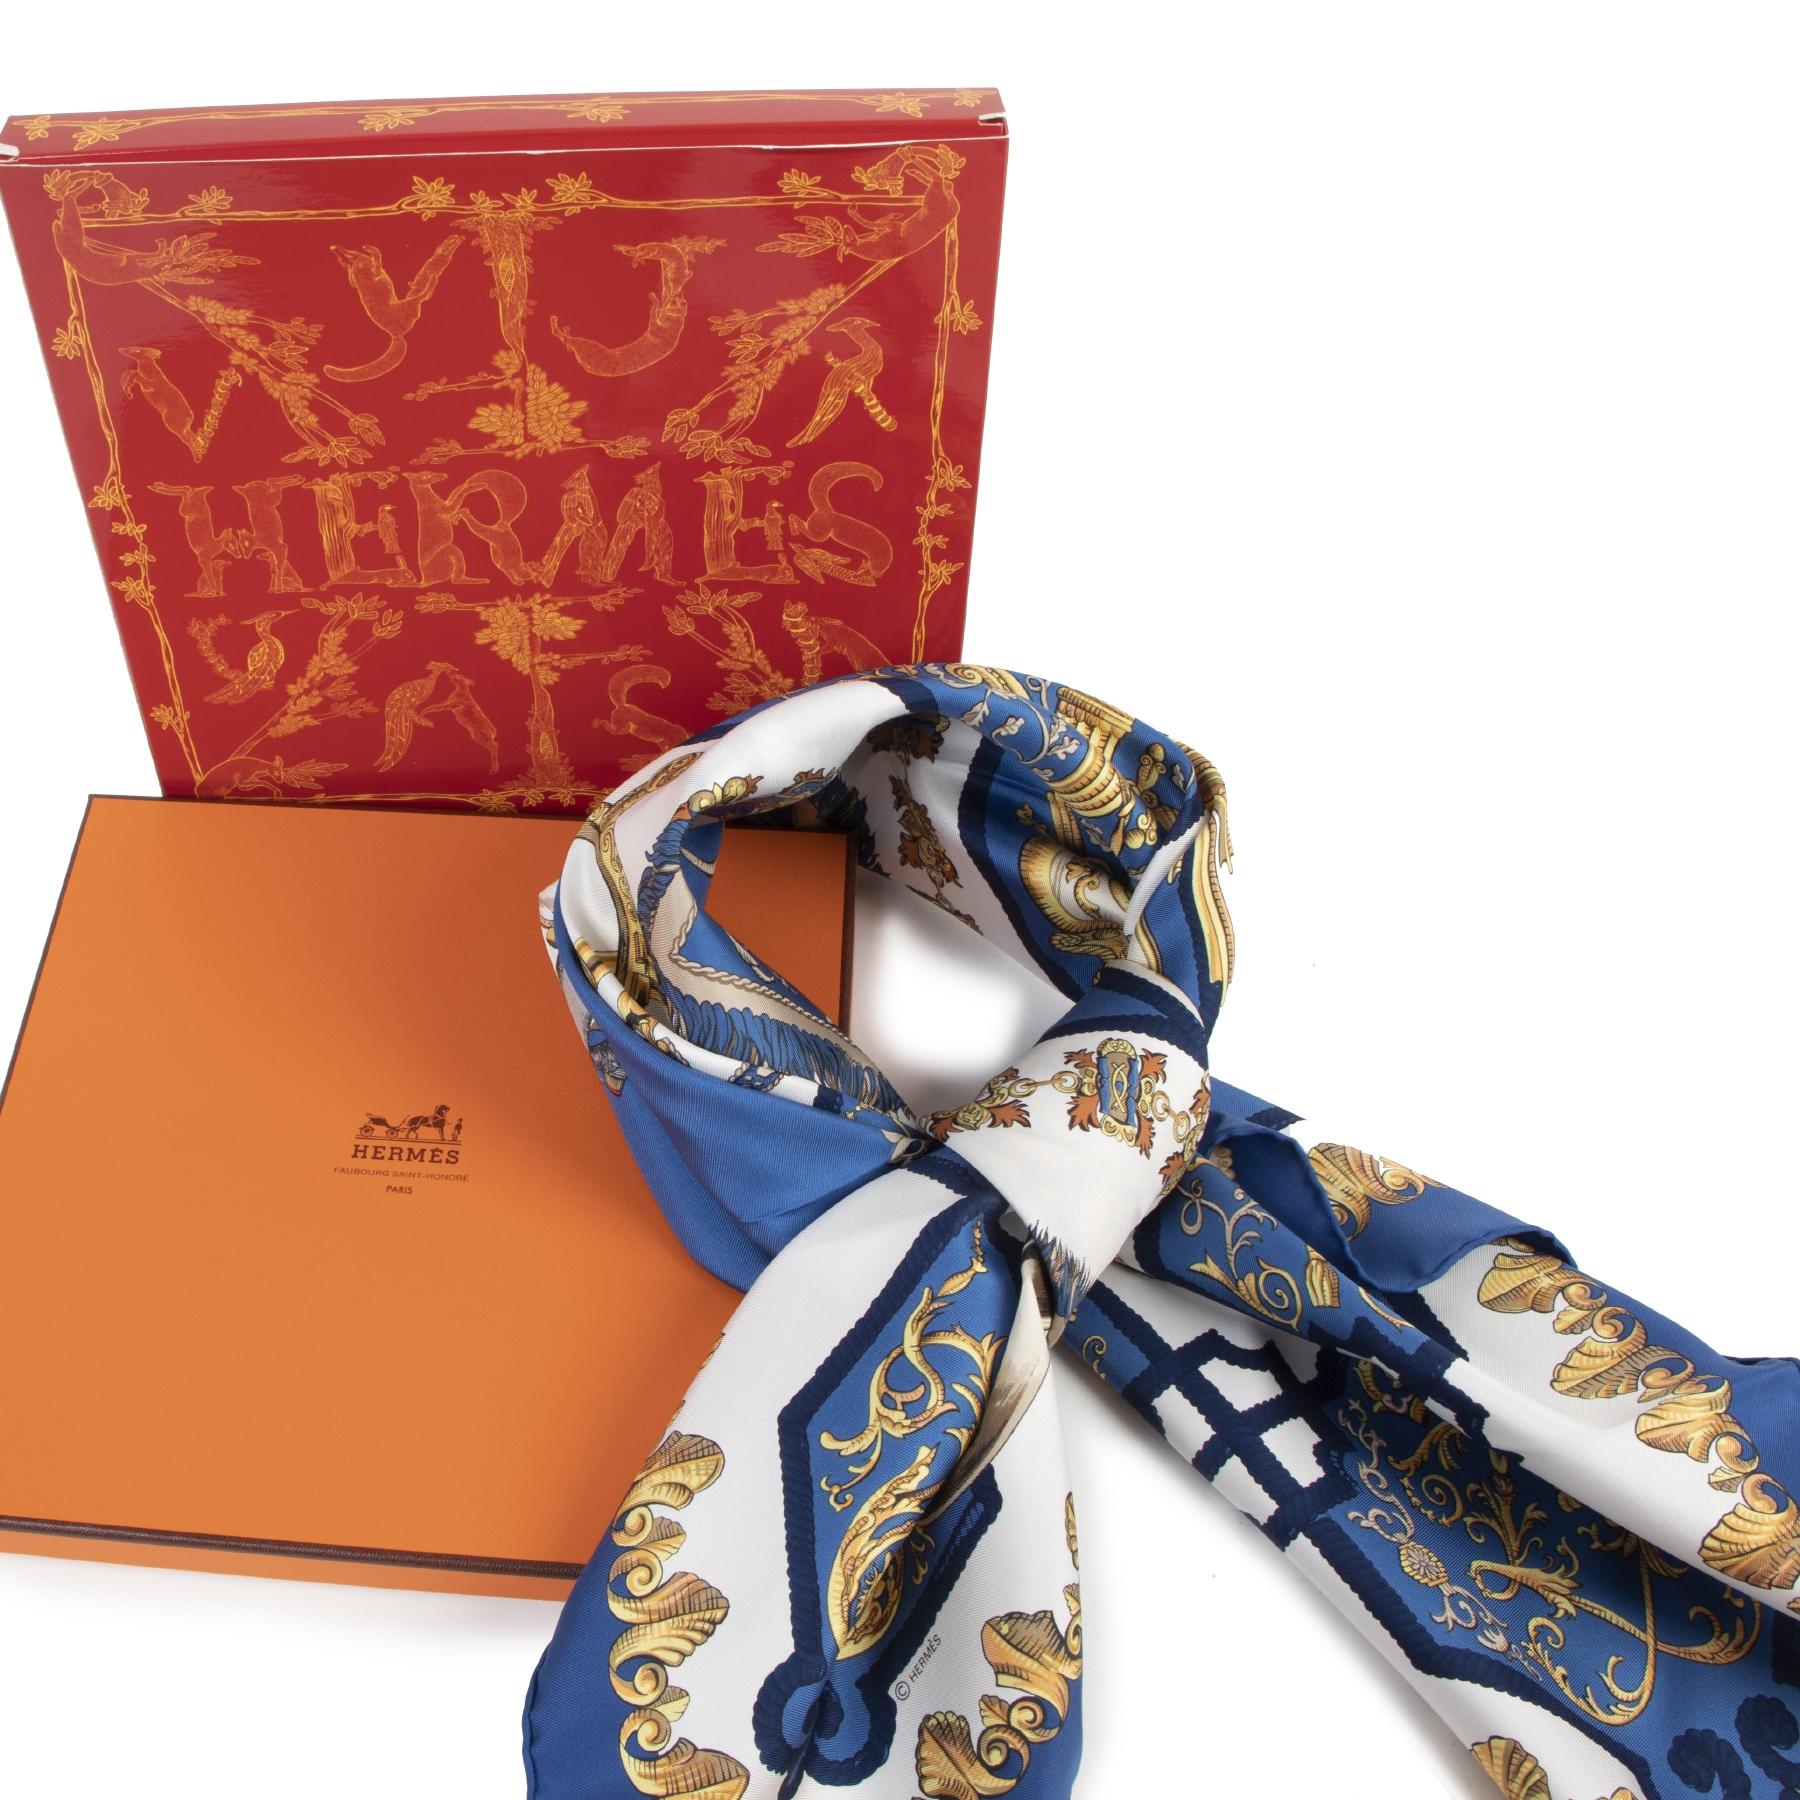 Authentieke Tweedehands Hermes Blue Silk Ludovicus Magnus Carré juiste prijs veilig online shoppen luxe merken webshop winkelen Antwerpen België mode fashion